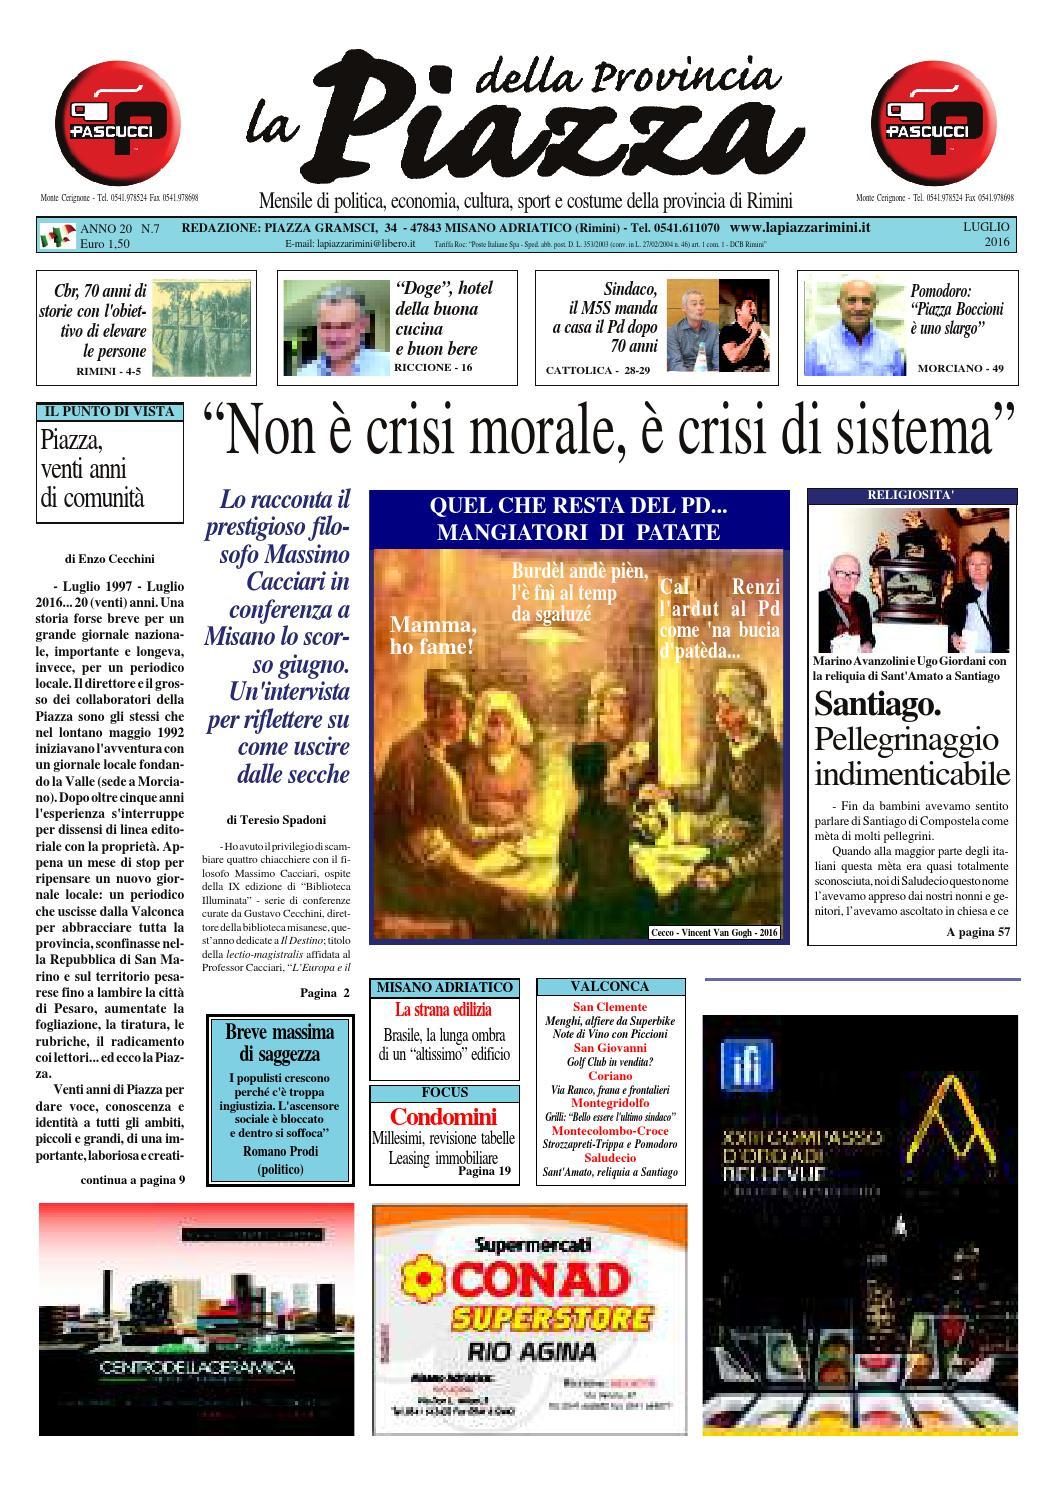 af079b481c07 Luglio 2016 - La Piazza Rimini by La Piazza della Provincia - issuu